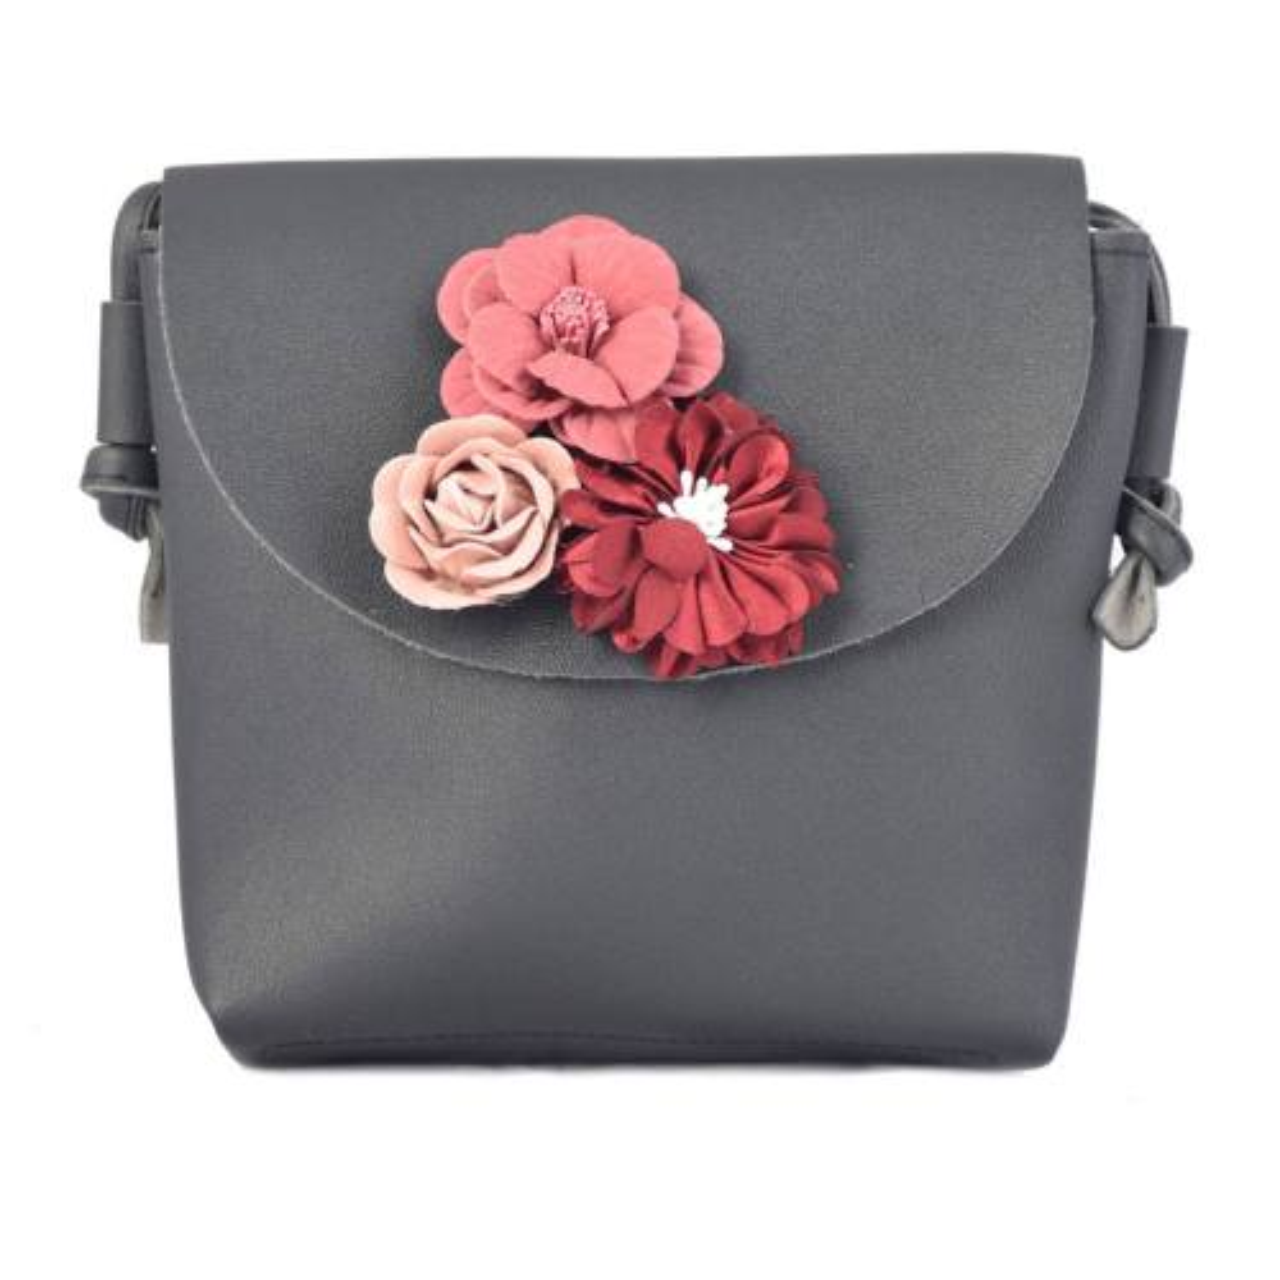 کیف رودوشی مدل flower